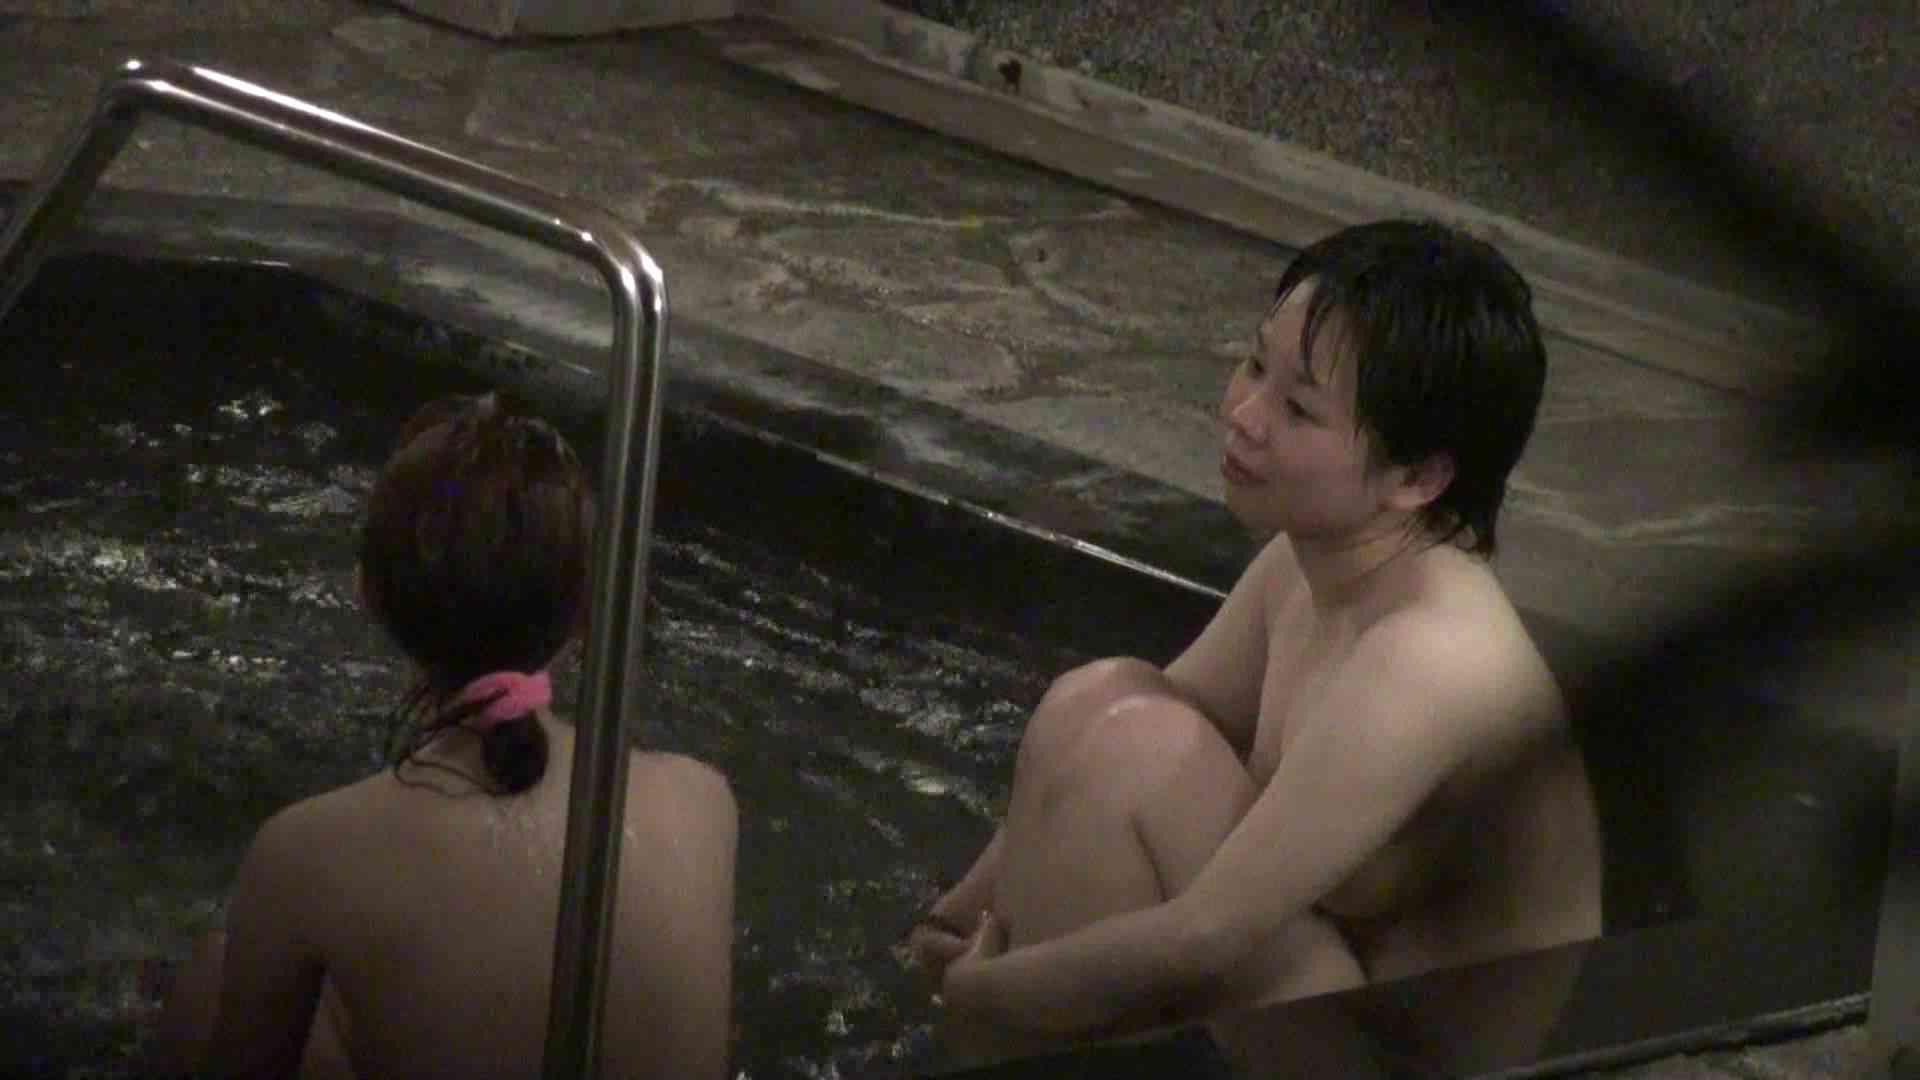 Aquaな露天風呂Vol.394 盗撮   OLのエロ生活  101連発 10